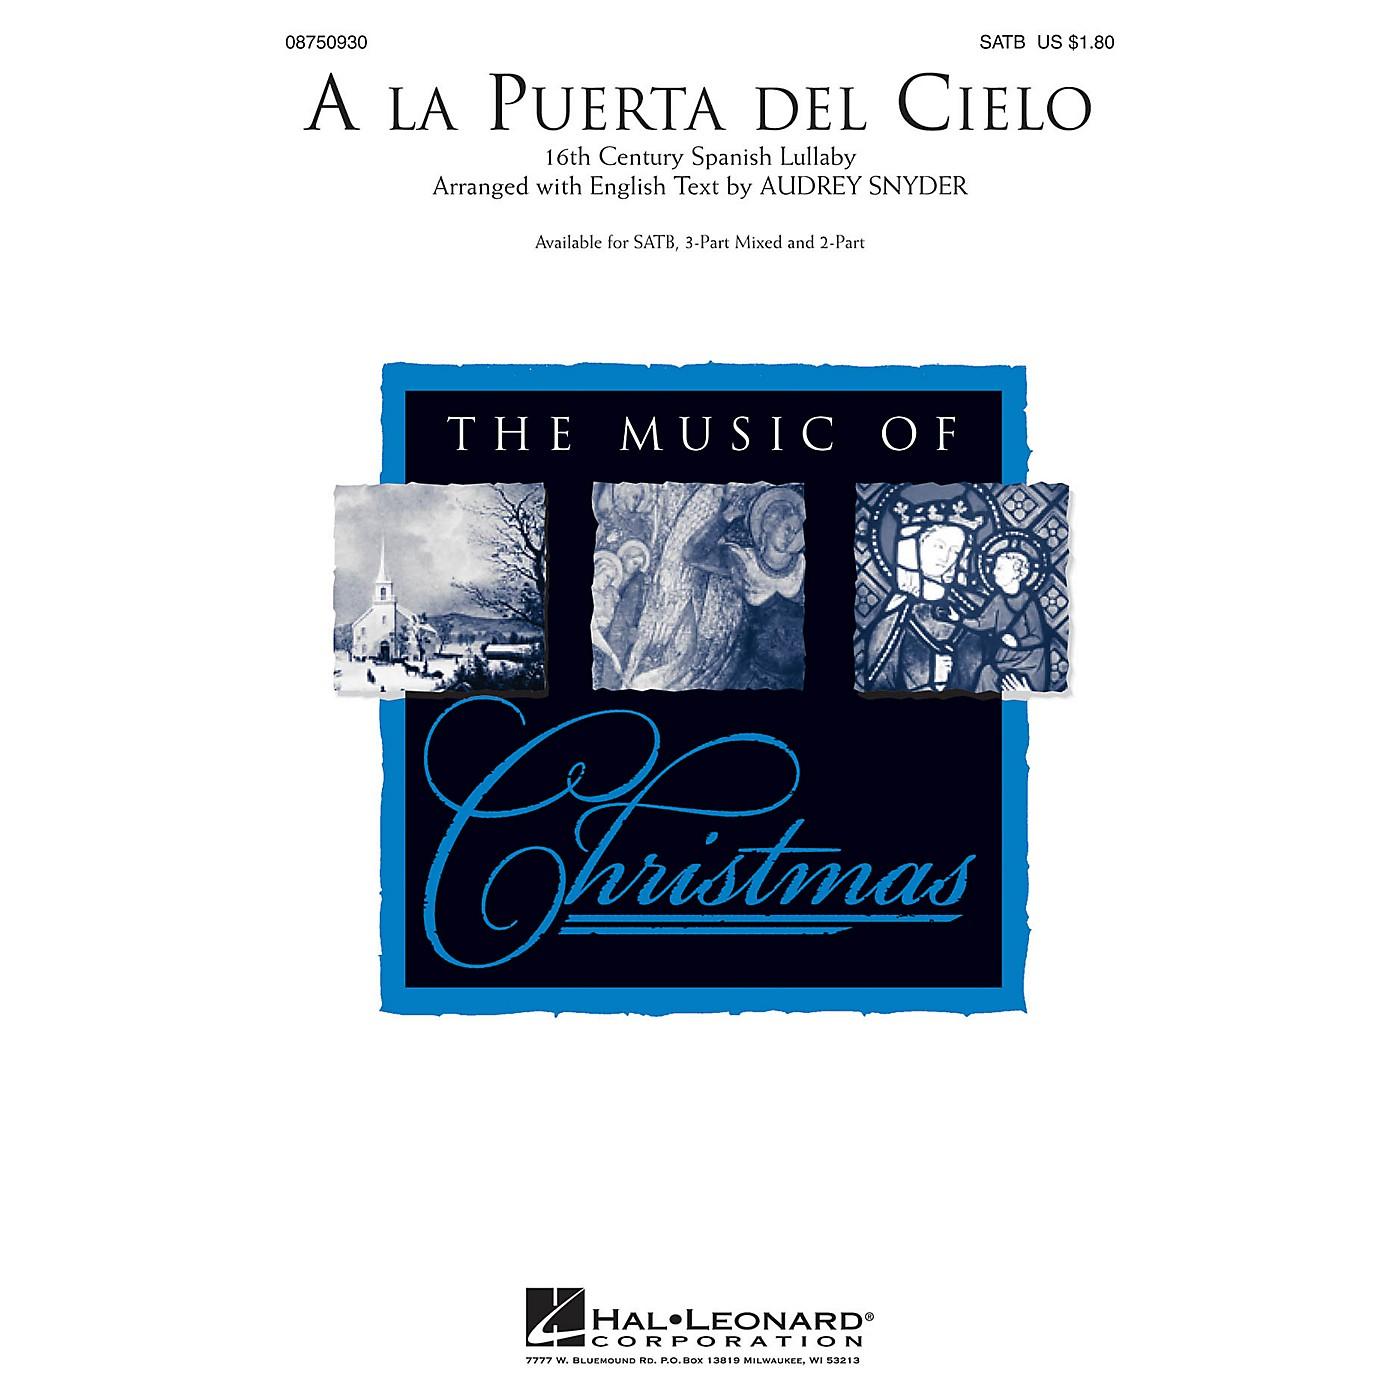 Hal Leonard A la Puerta del Cielo SATB arranged by Audrey Snyder thumbnail